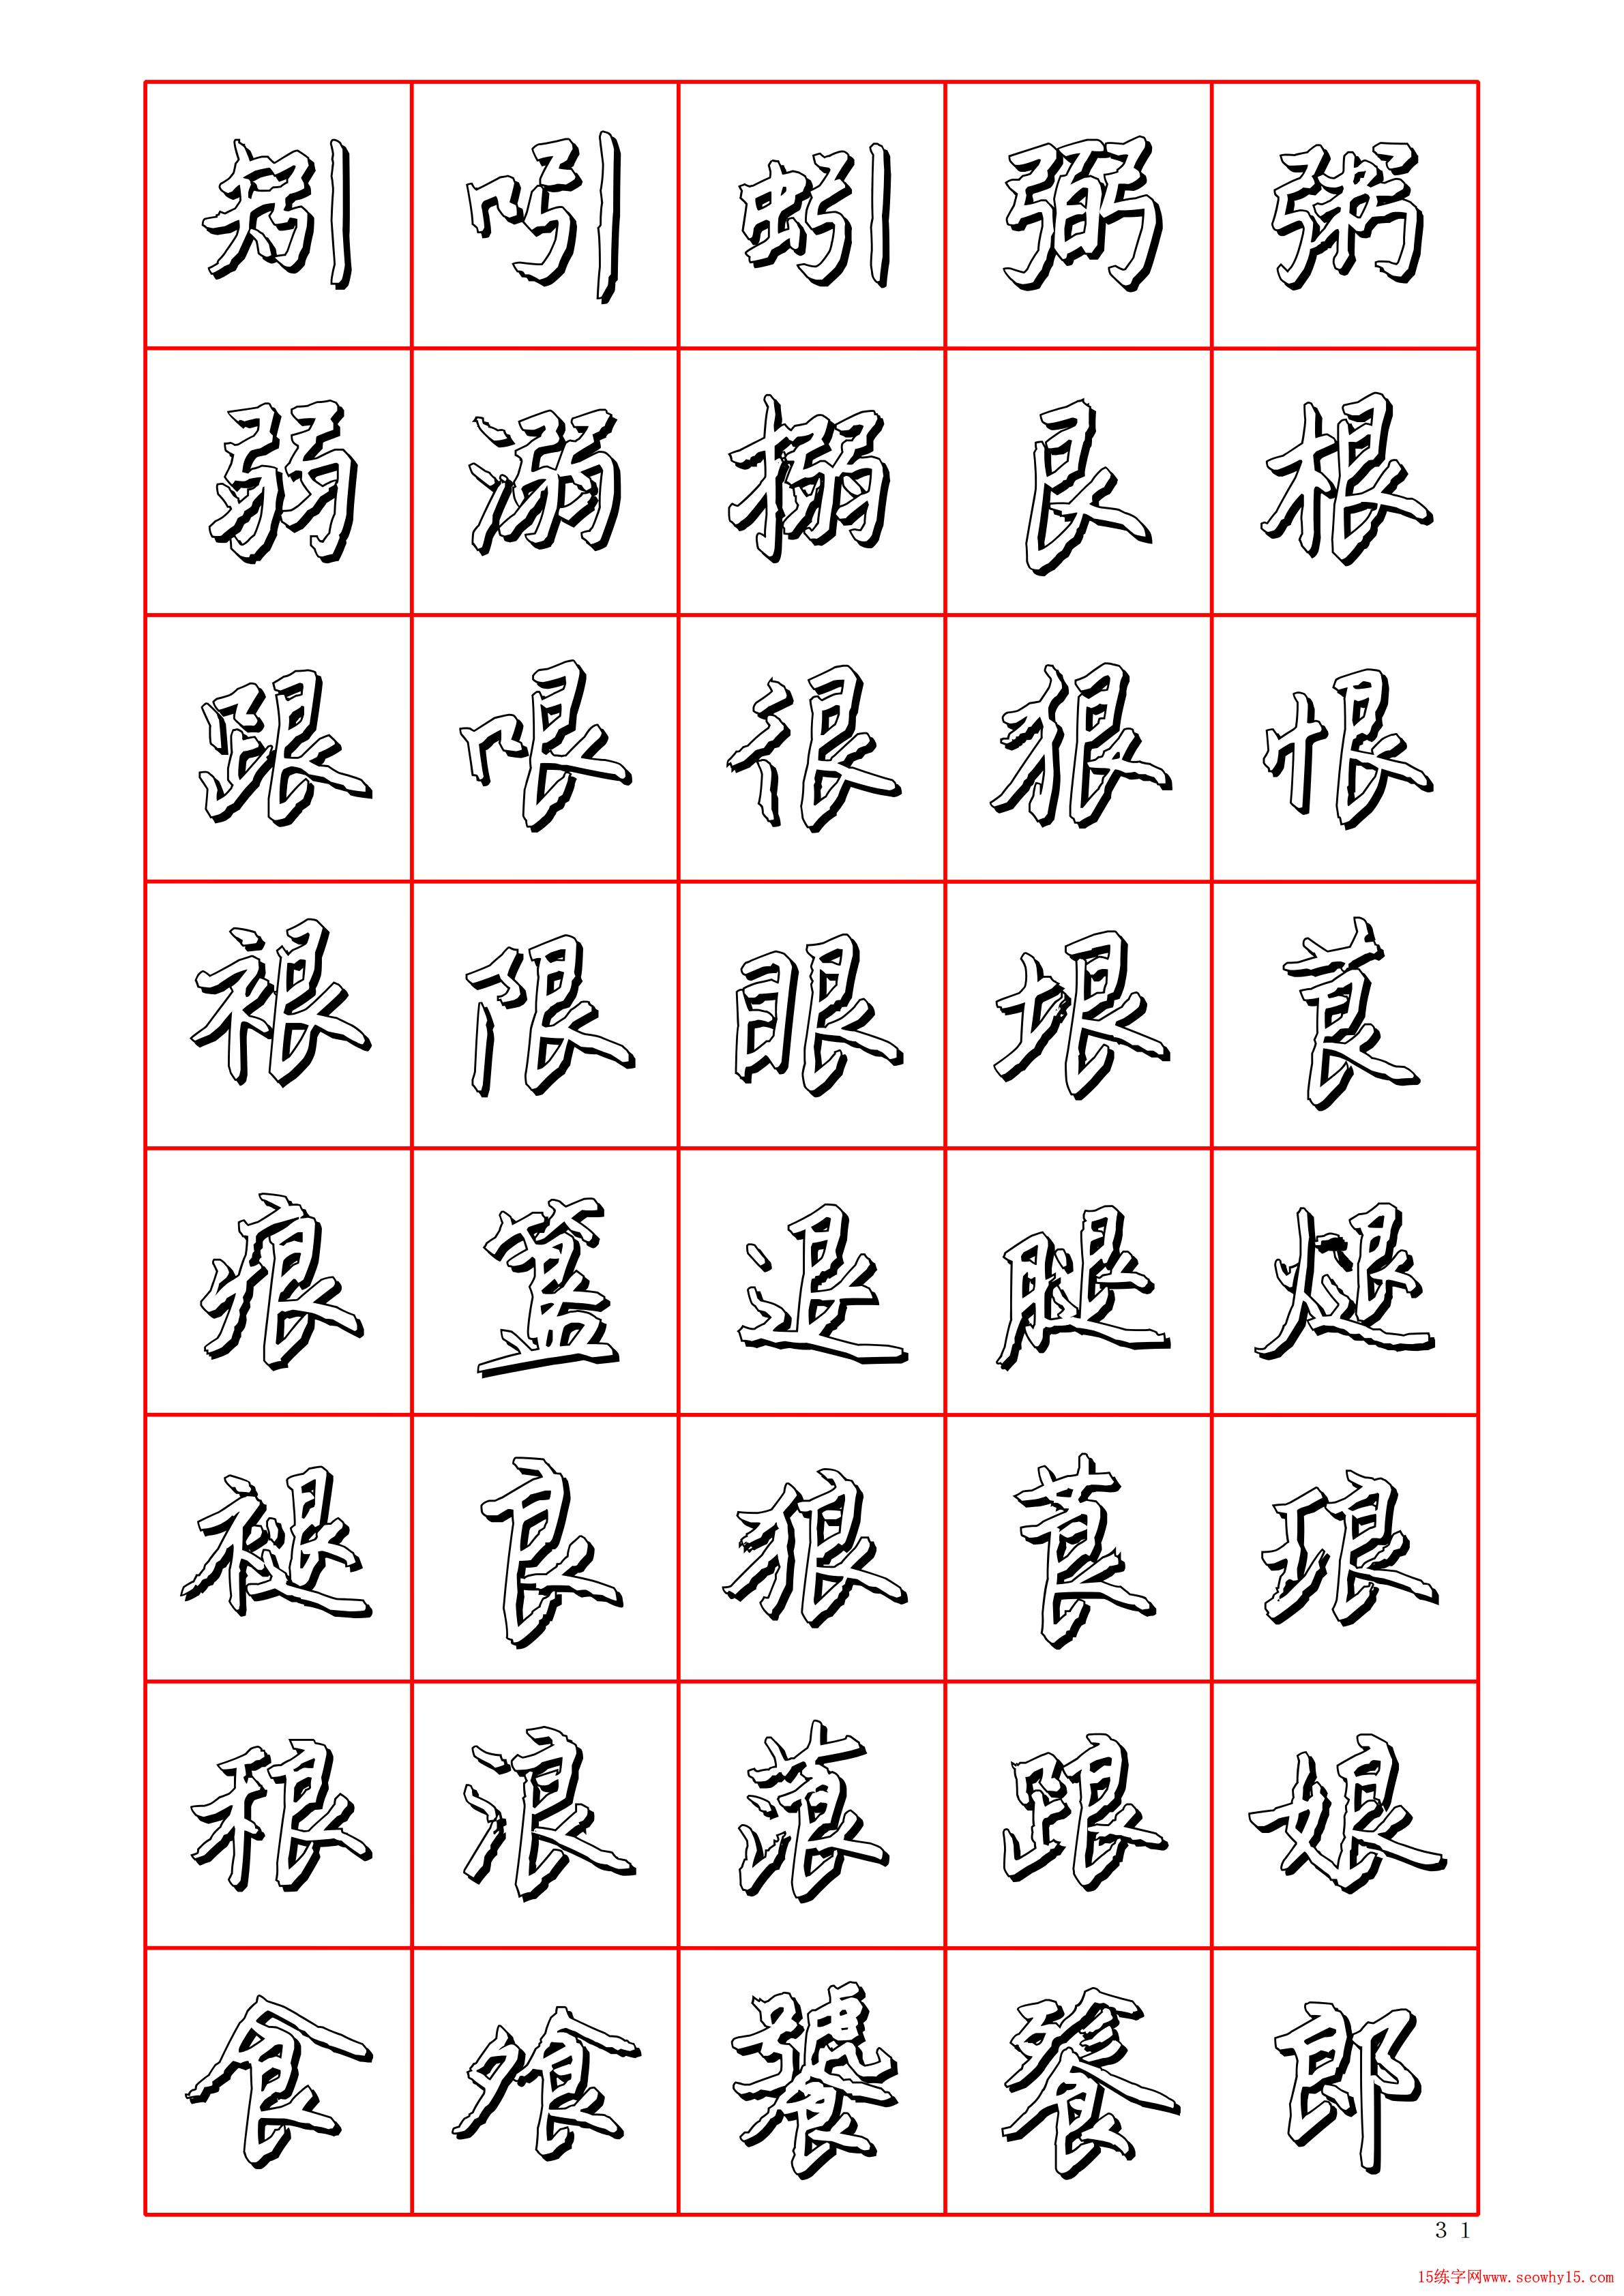 硬笔楷书七千字(3)-清晰大字【 15练字网 】 精心整理